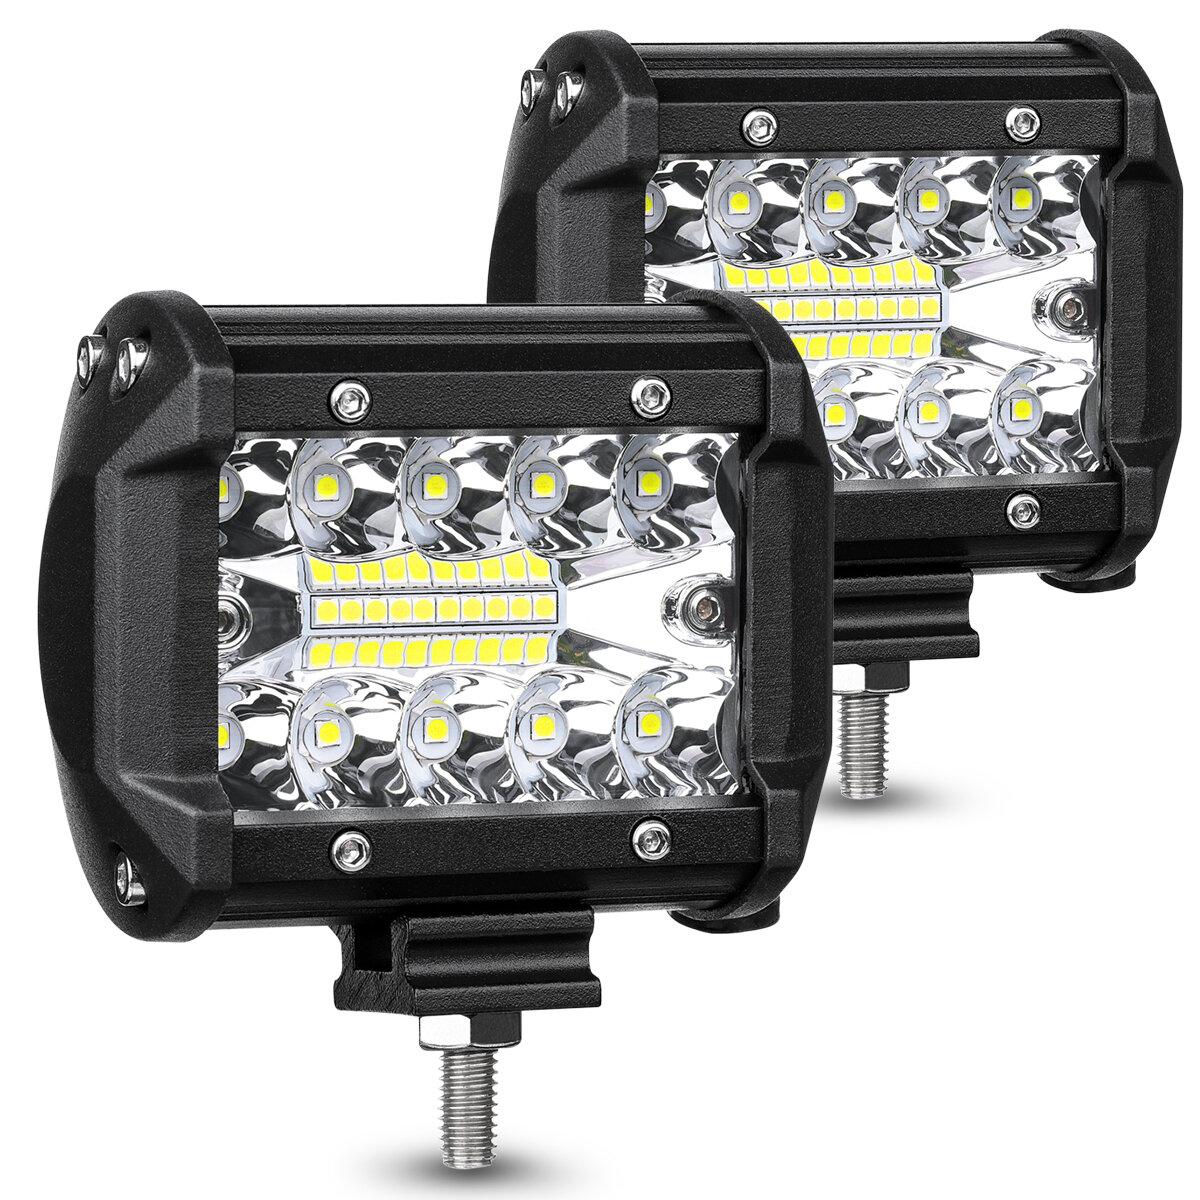 AMBOTHER, 2 шт., Tri ROW 4 дюймов 9-32V 20 LED, рабочий свет, прожектор, прожектор, внедорожник, внедорожник, вождение г